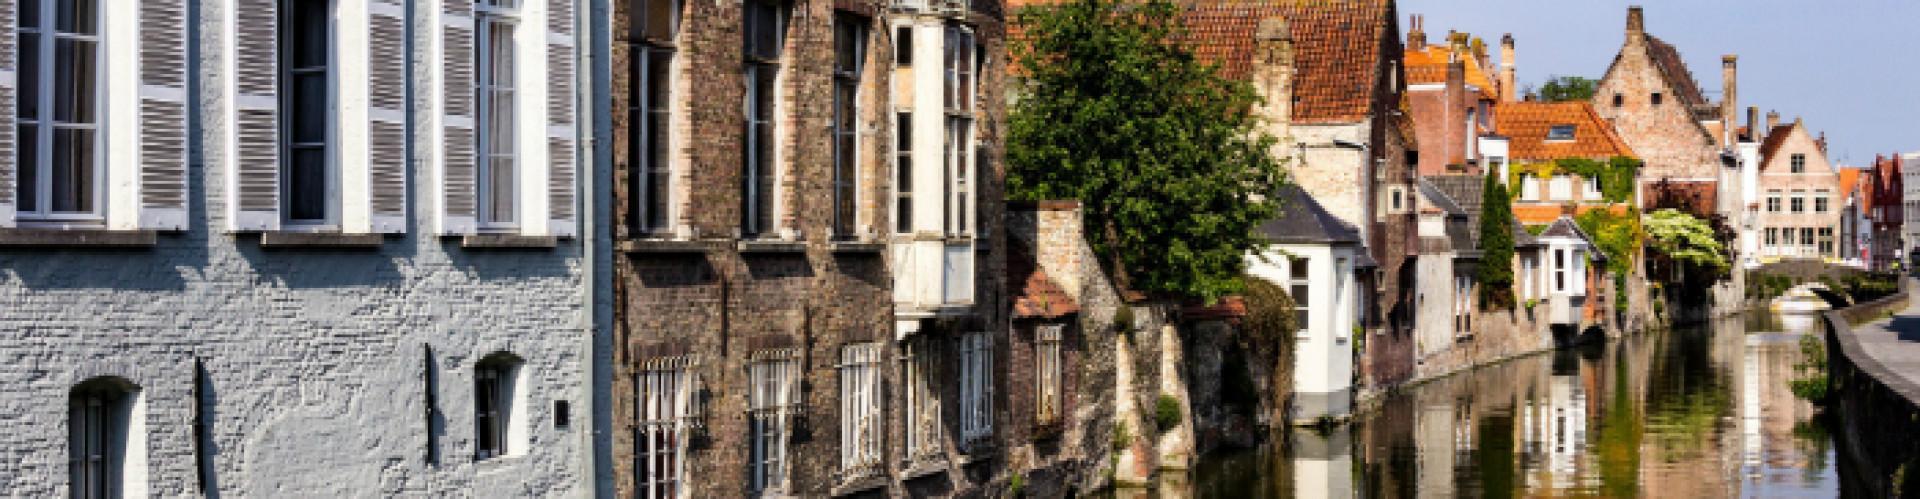 Vakantiehuizen in België met kinderen